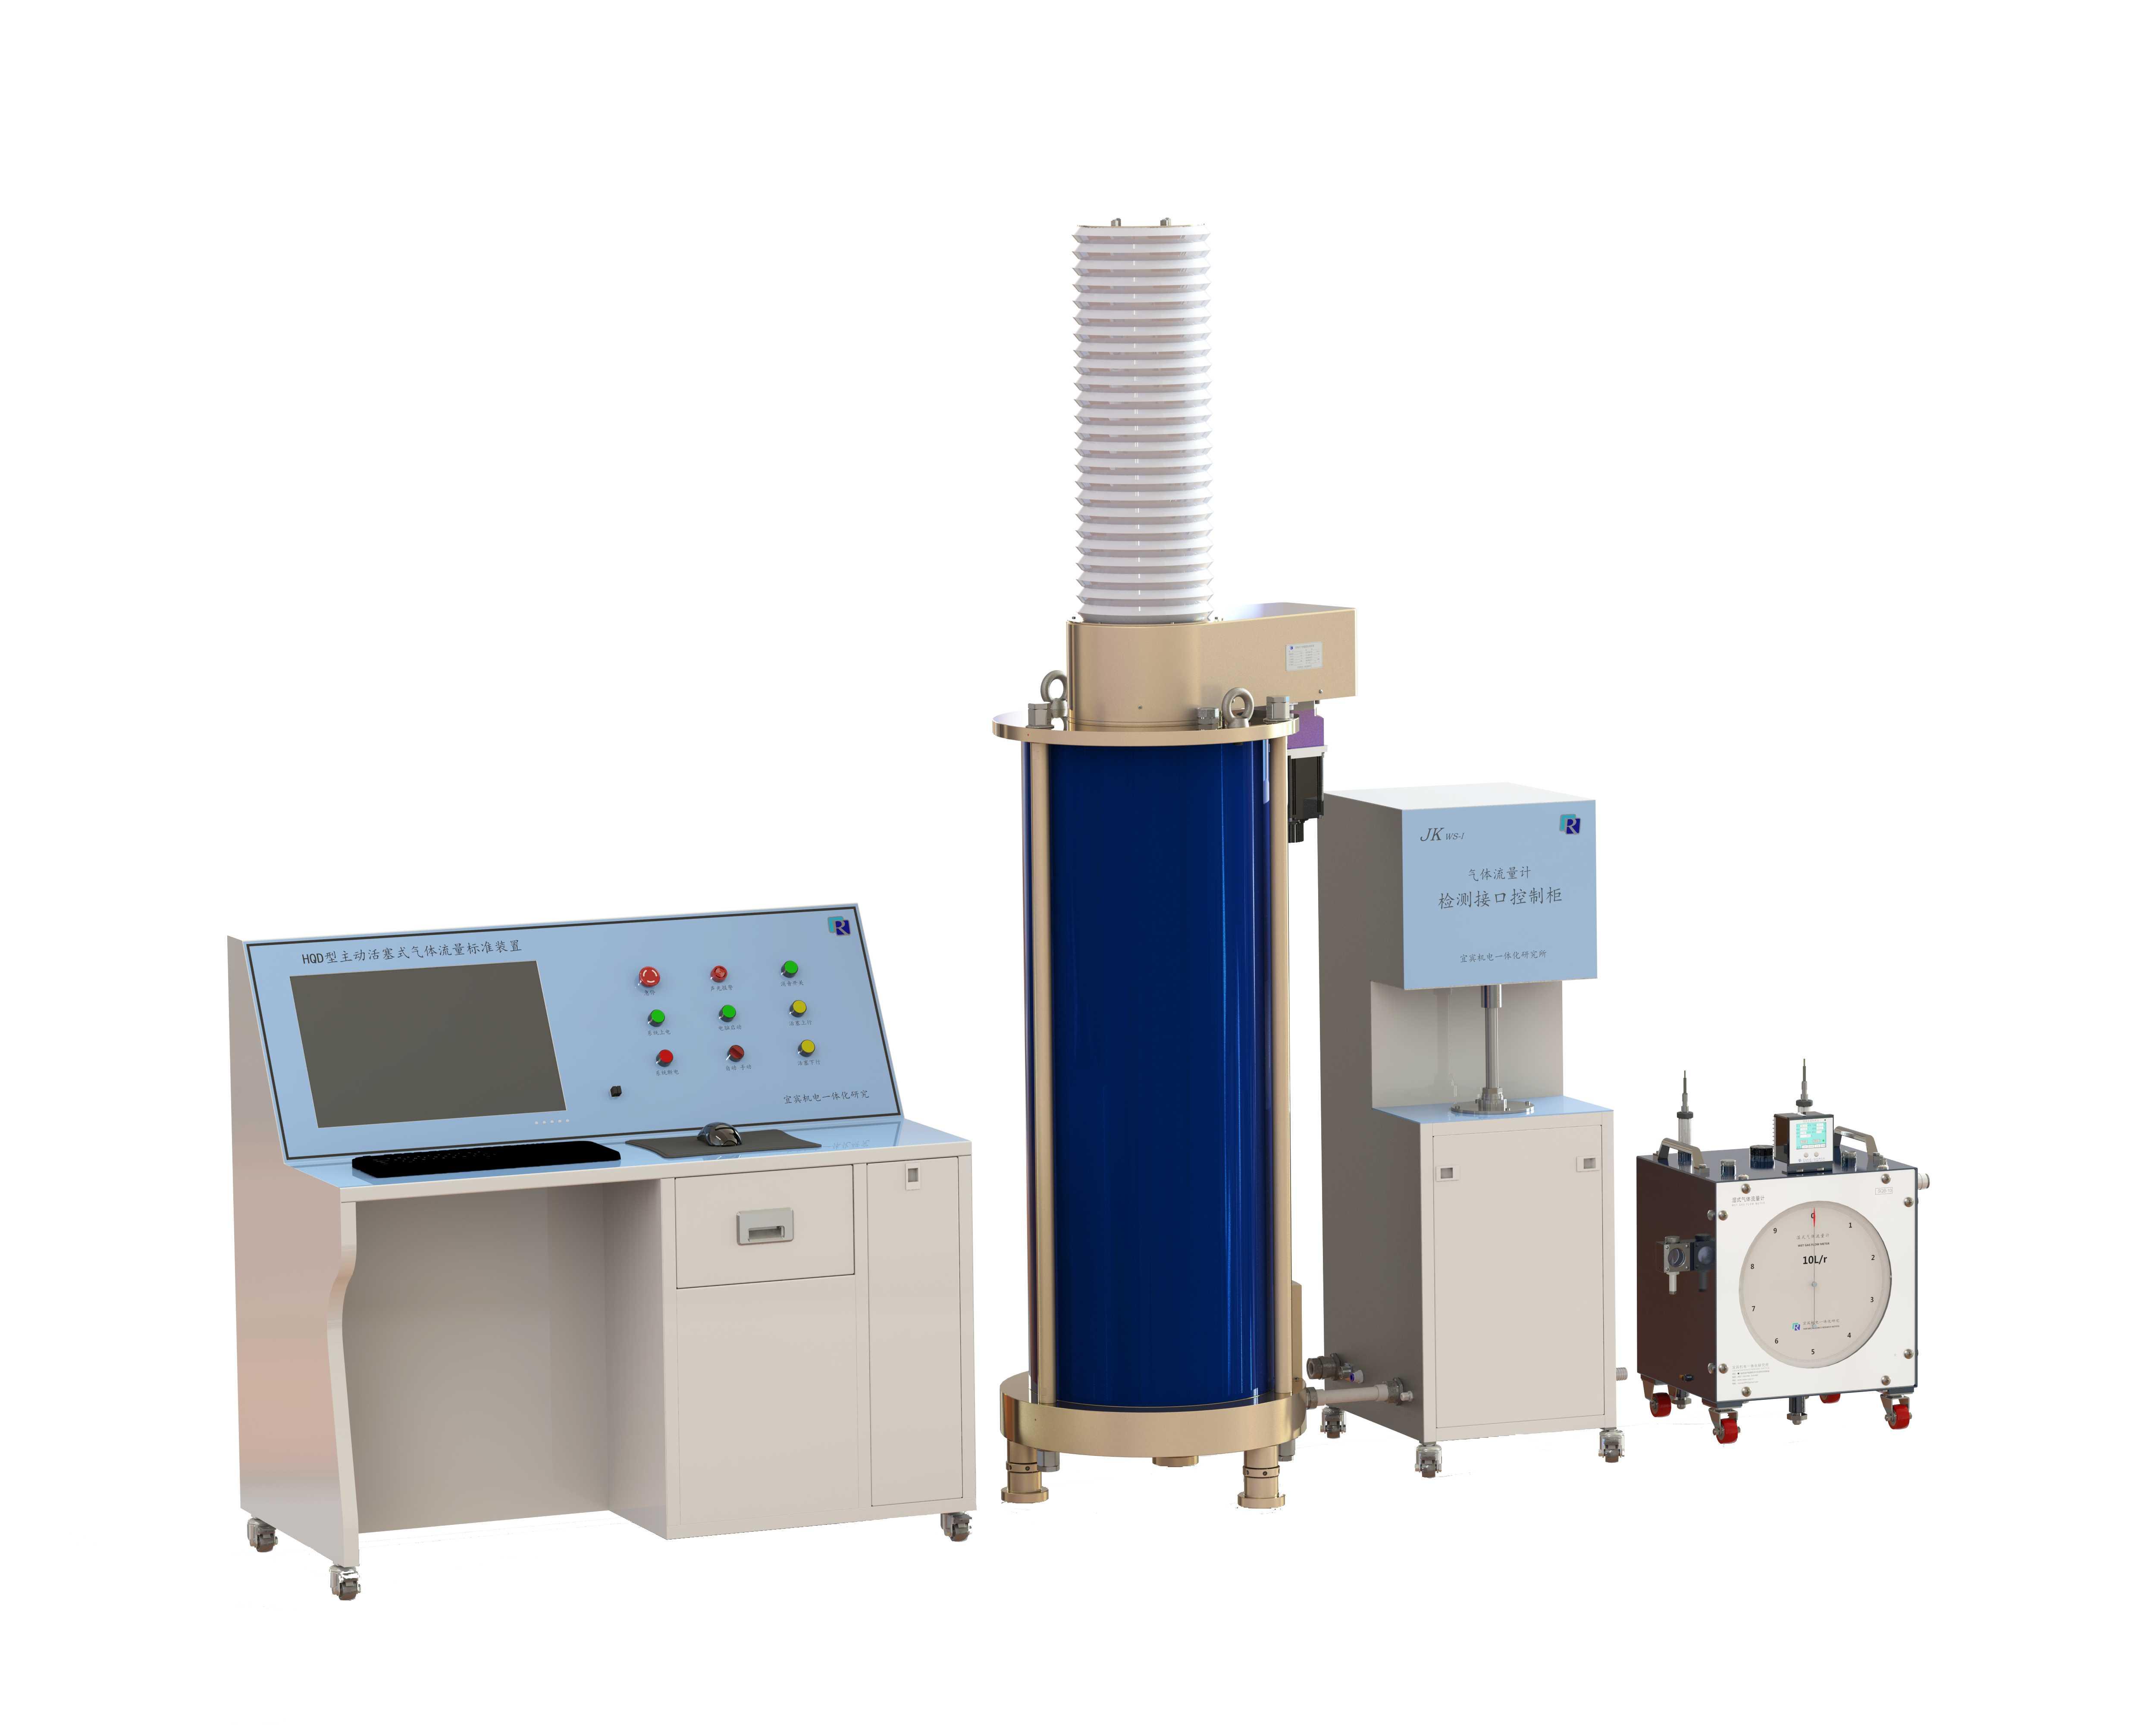 气体流量计检定装置_气体流量计量标准装置 - 宜宾机电一体化研究所